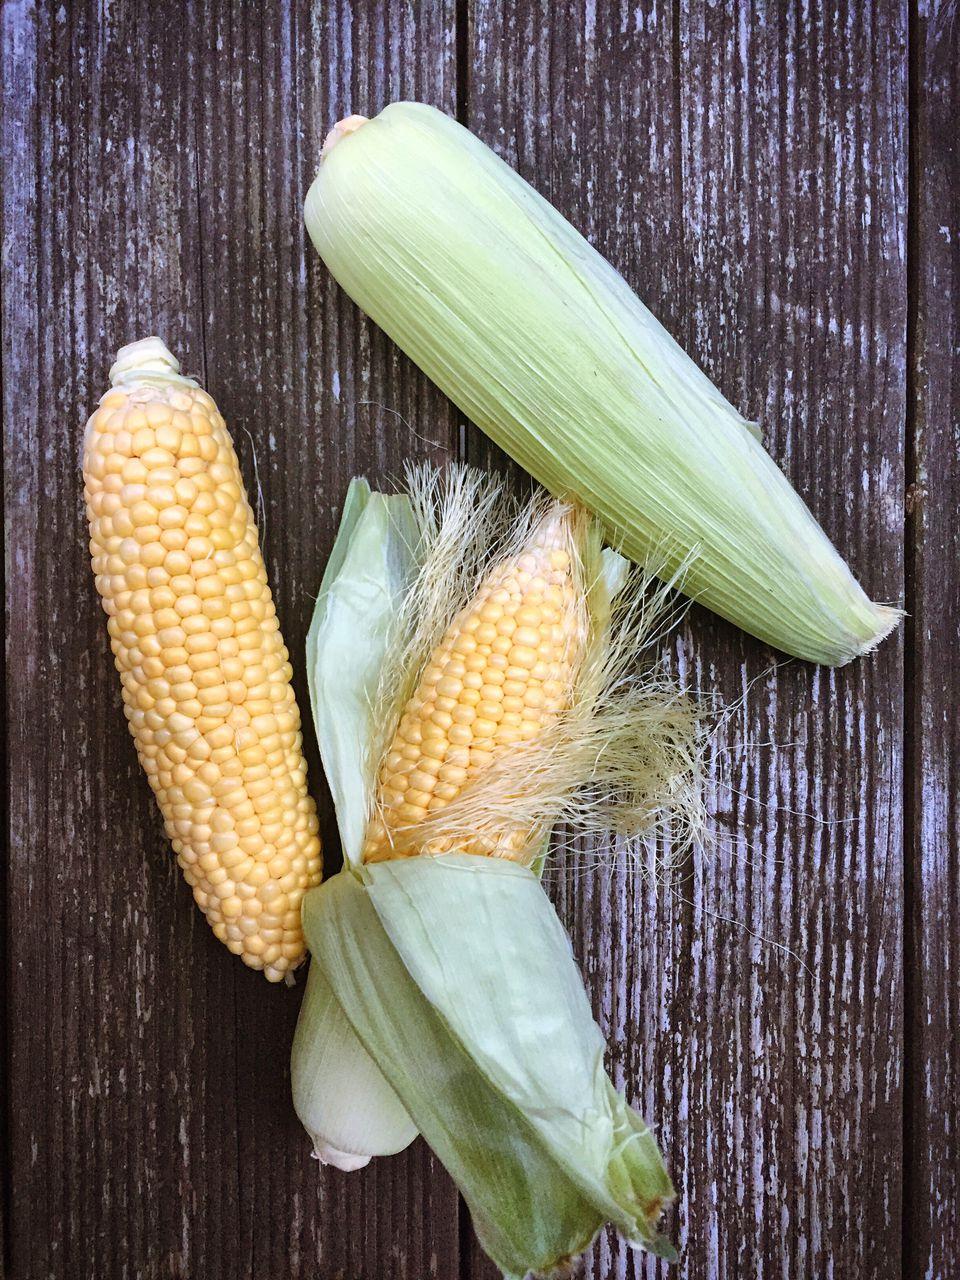 High Angle View Of Corns On Table